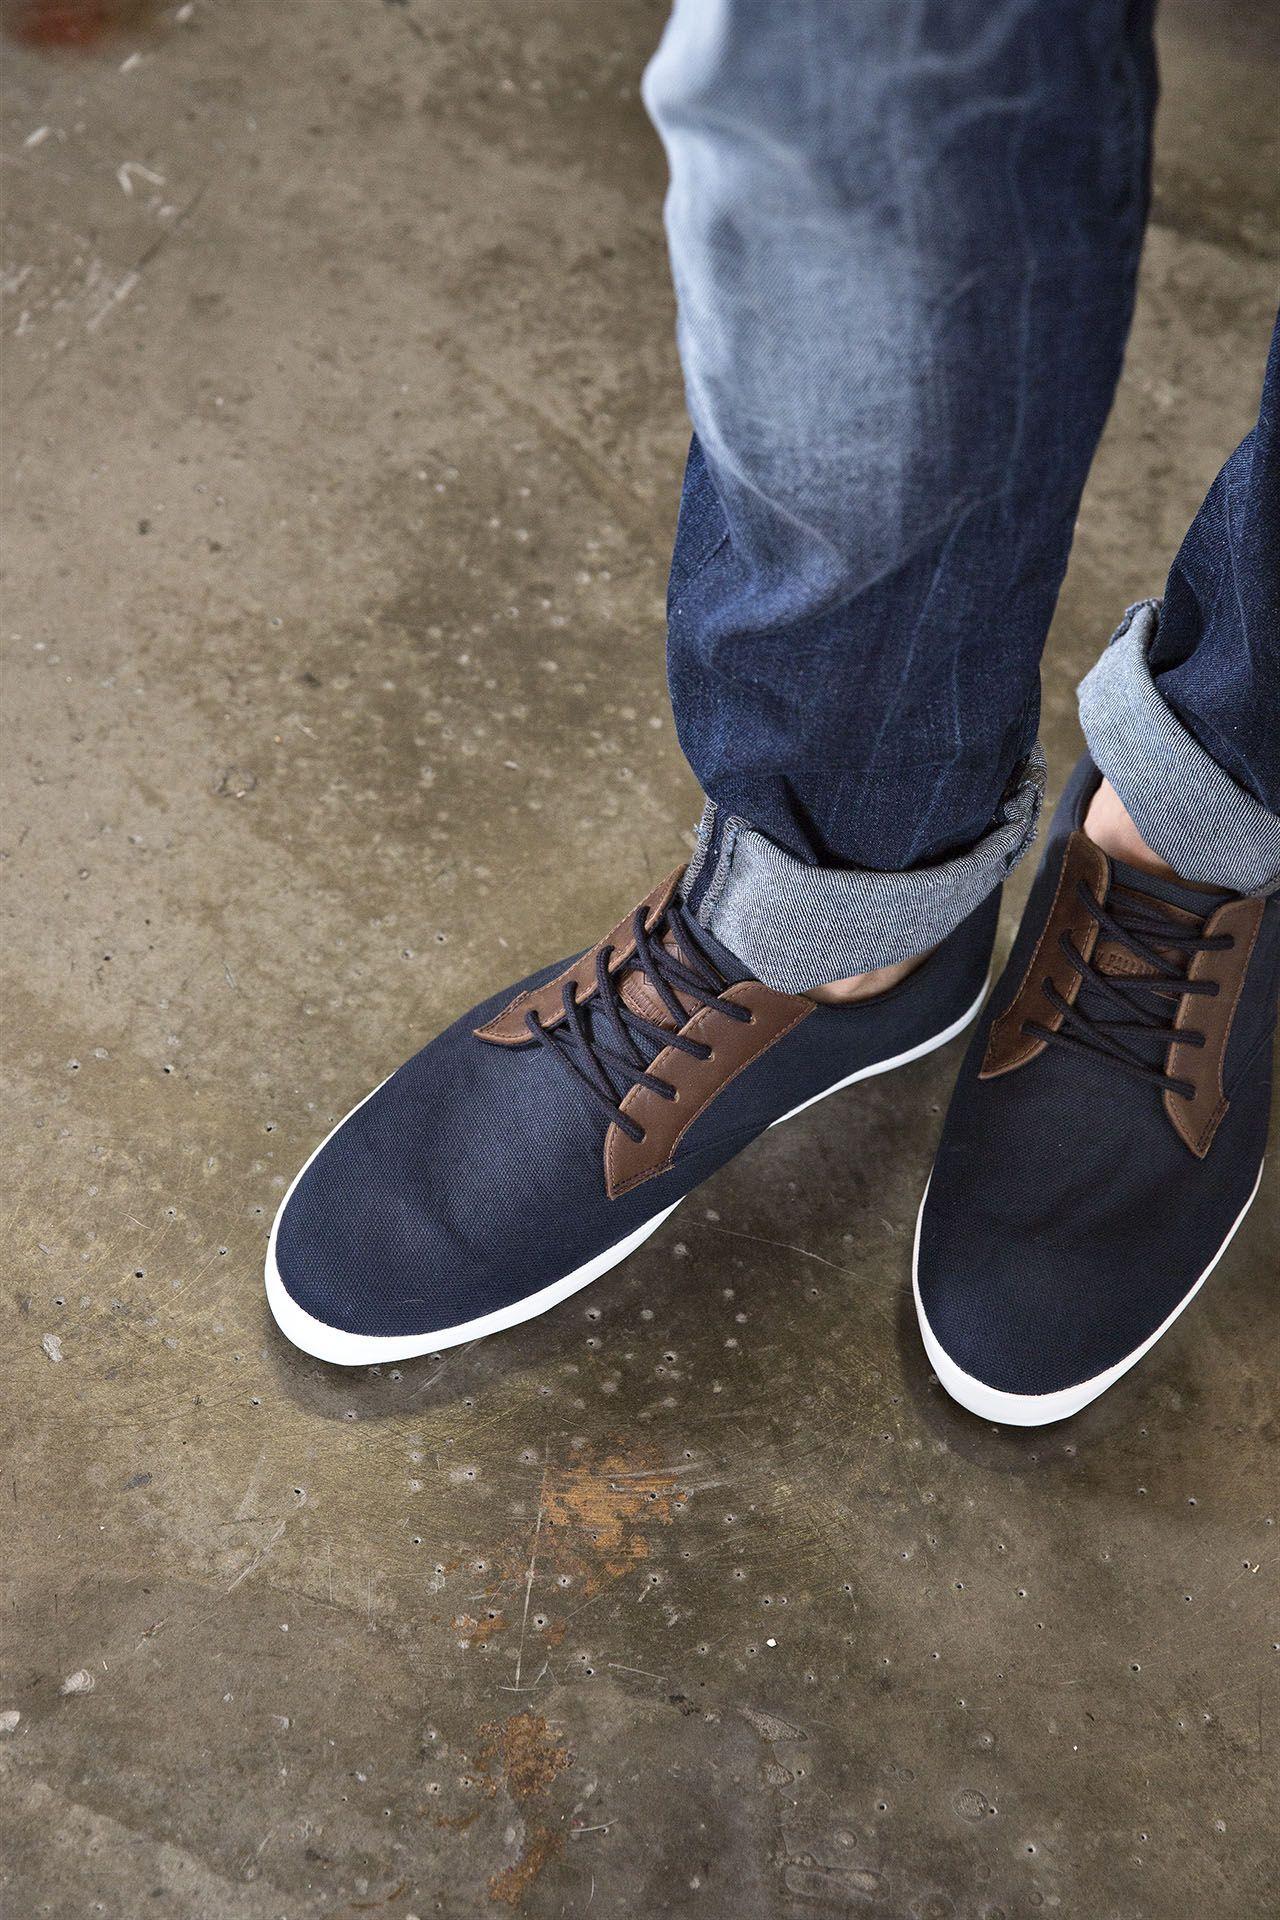 GORDON PLDM shoes. #shoes #man #spring   Chaussure, Homme